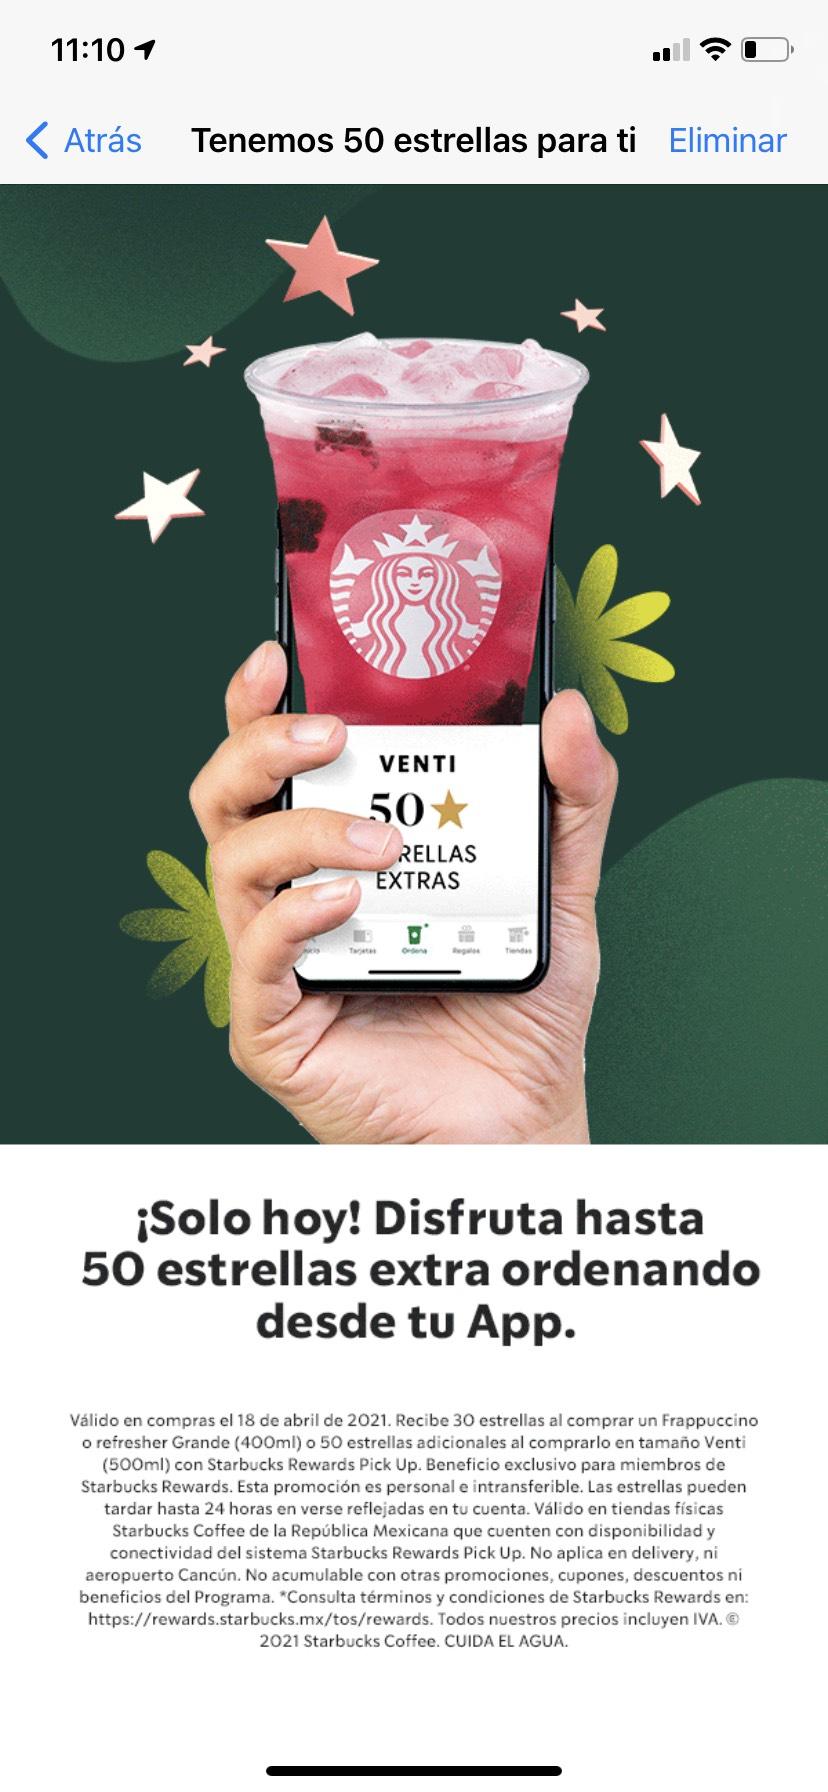 Starbucks: 50 estrellas extra al comprar un frappuccino o refresher venti, o 30 al comprarlo grande, a través de la app.